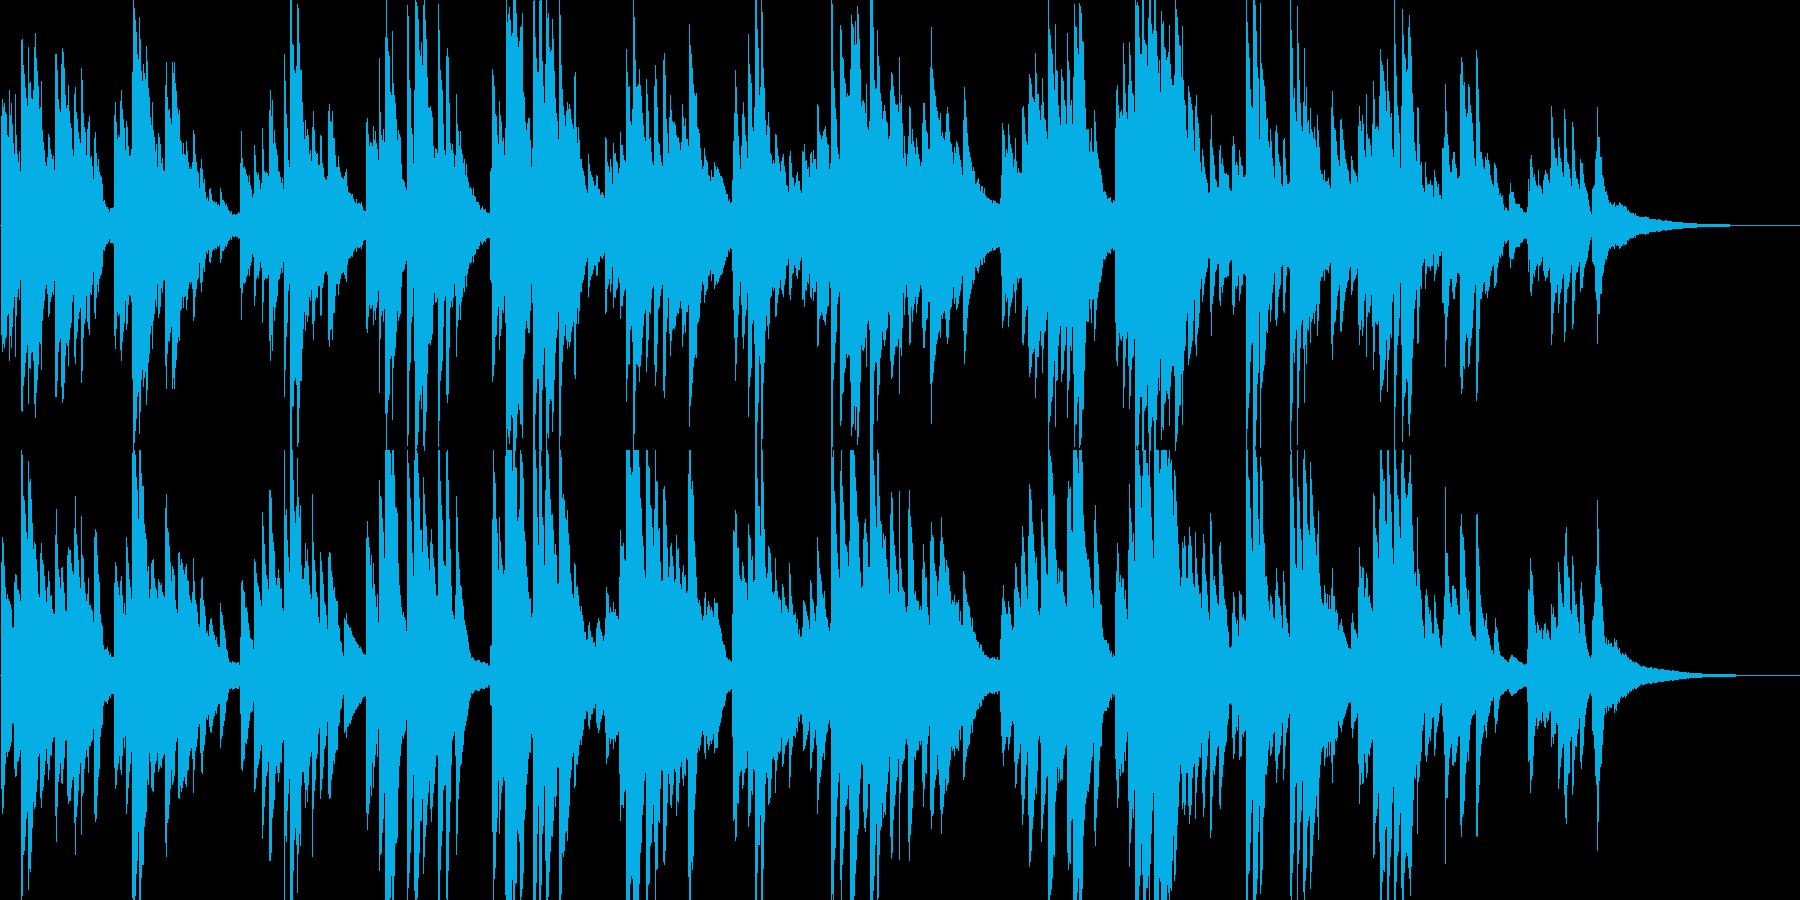 愛しく可愛さのあるピアノバラードの再生済みの波形